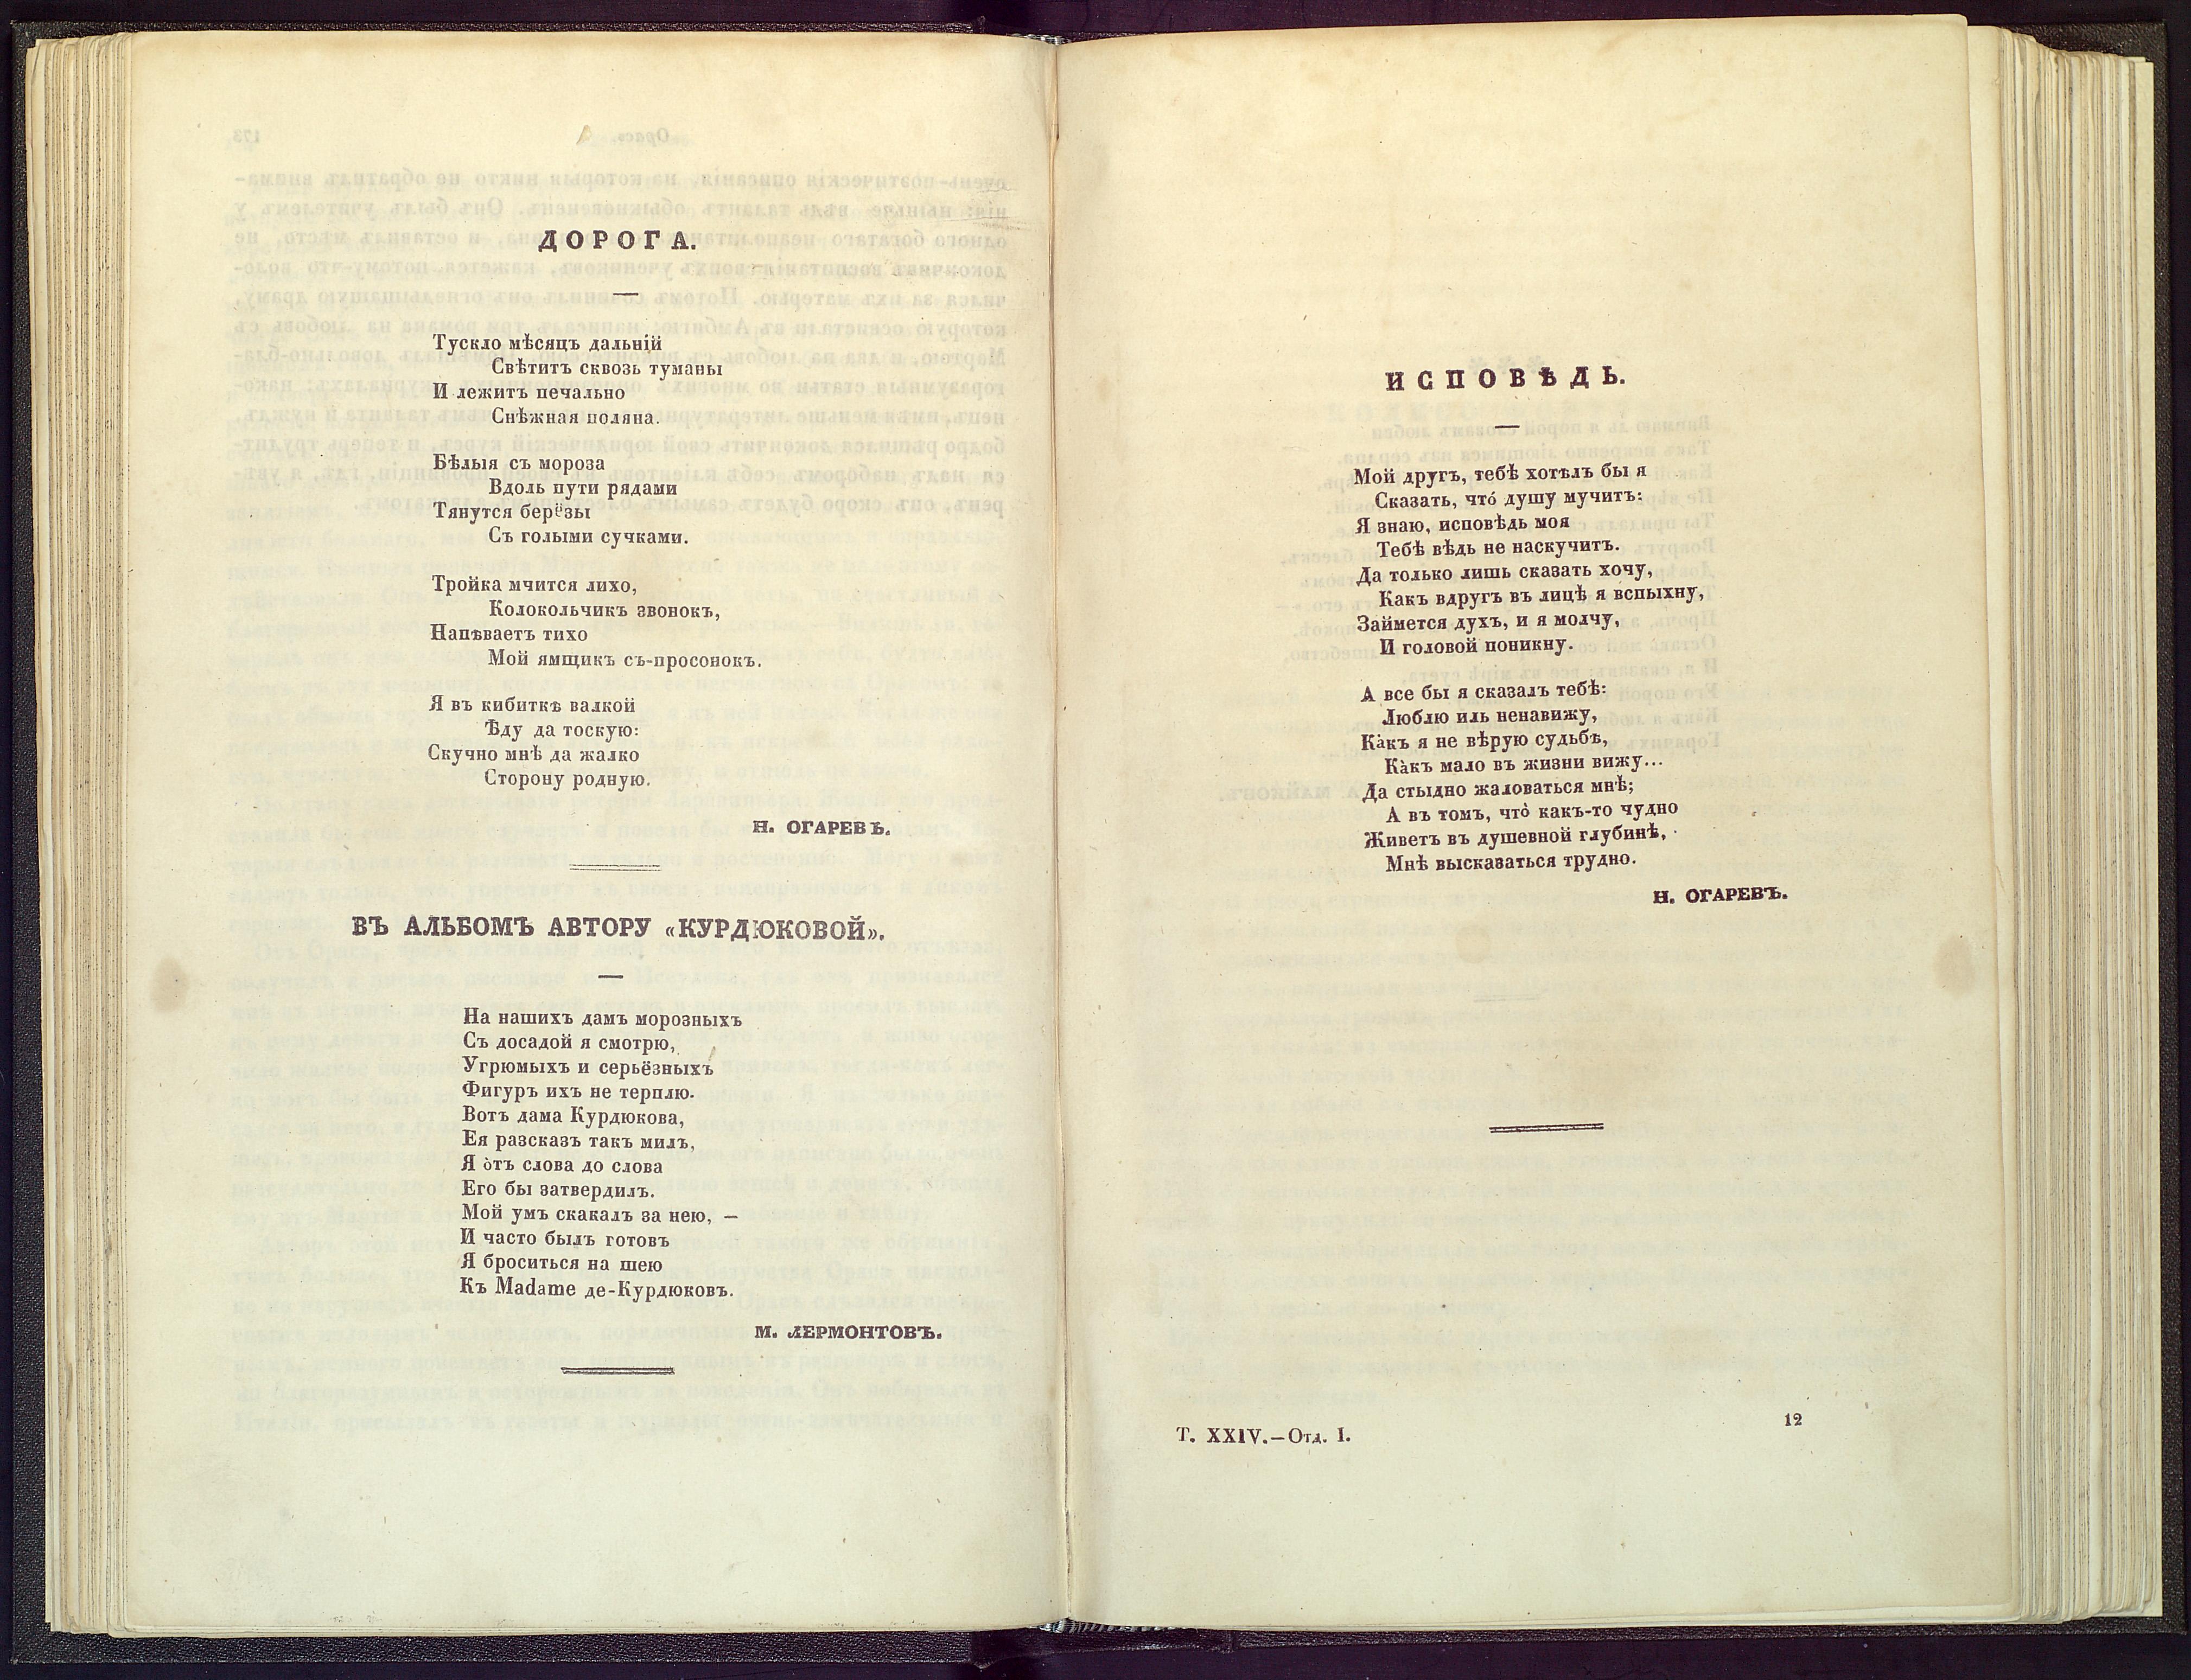 ЛОК-7557 ТАРХАНЫ КП-14177  Журнал Отечественные записки. Т. XXIV._3